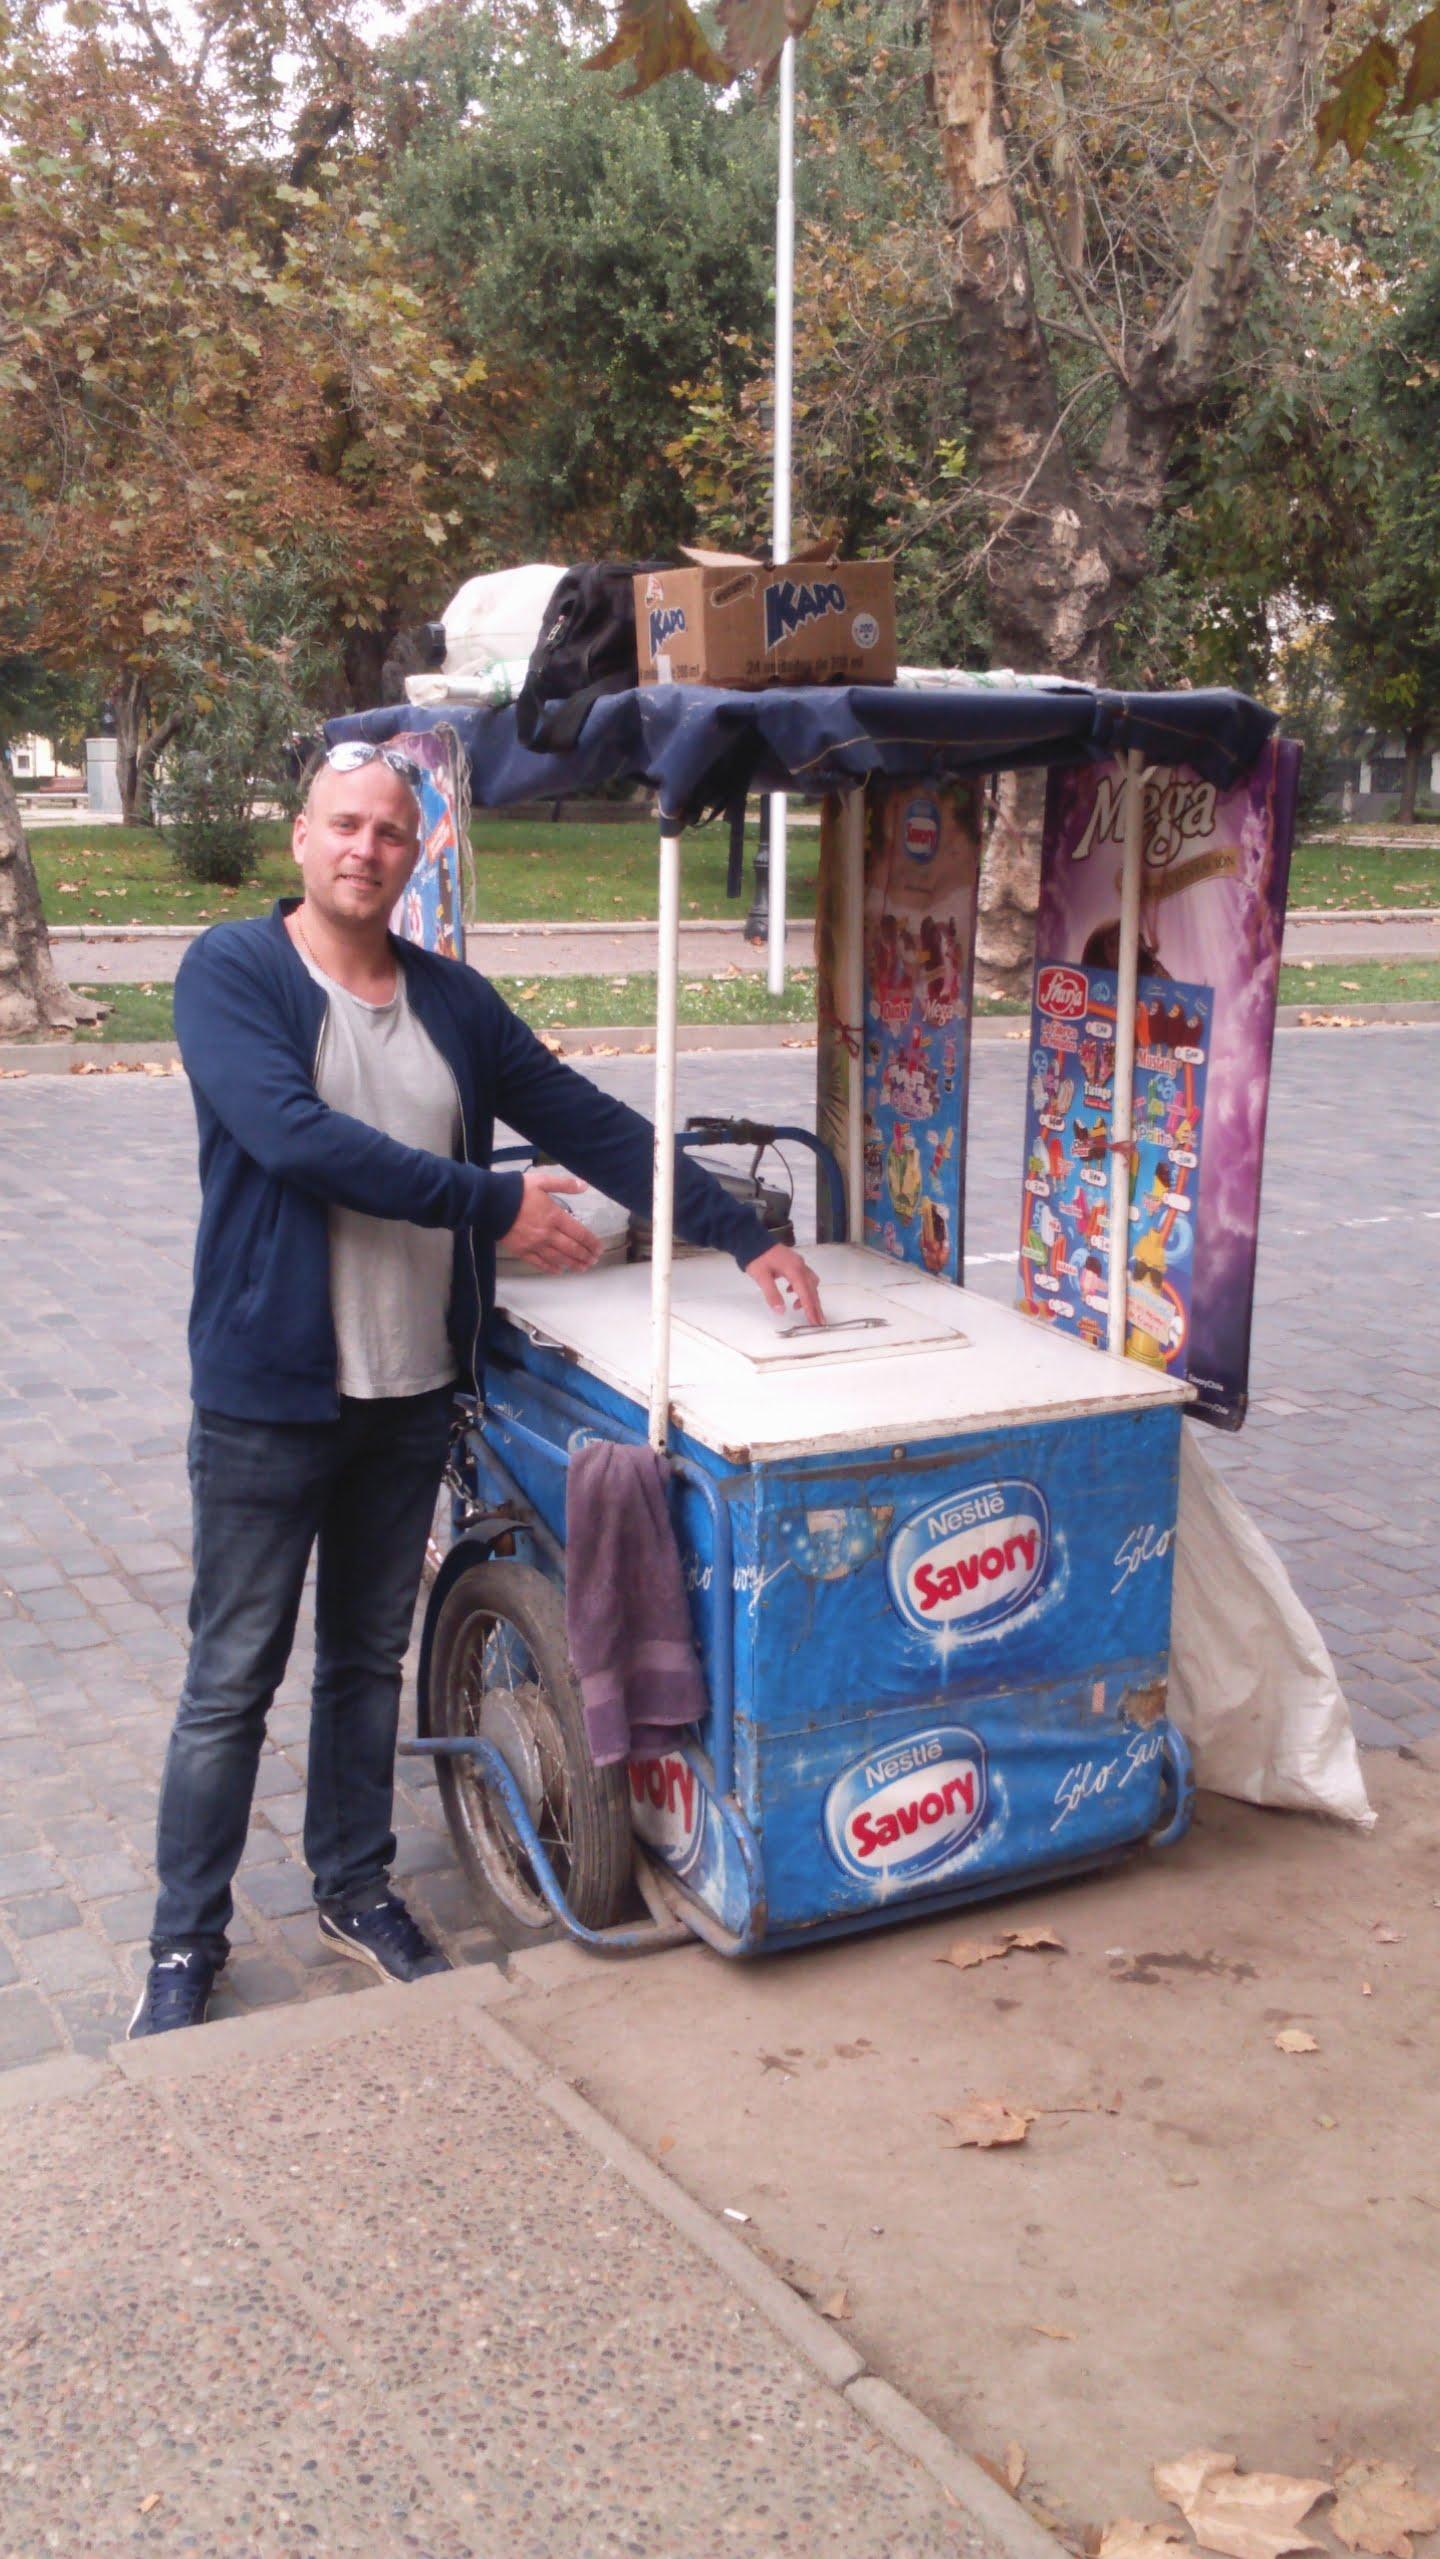 Ibland tar livet helt andra riktningar. Jag är på väg hem. Brorsan fastnade för det Sydamerikanska livet. Enligt uppgift säljer han nu glass på en gata i Santiago. Affärerna går bra.